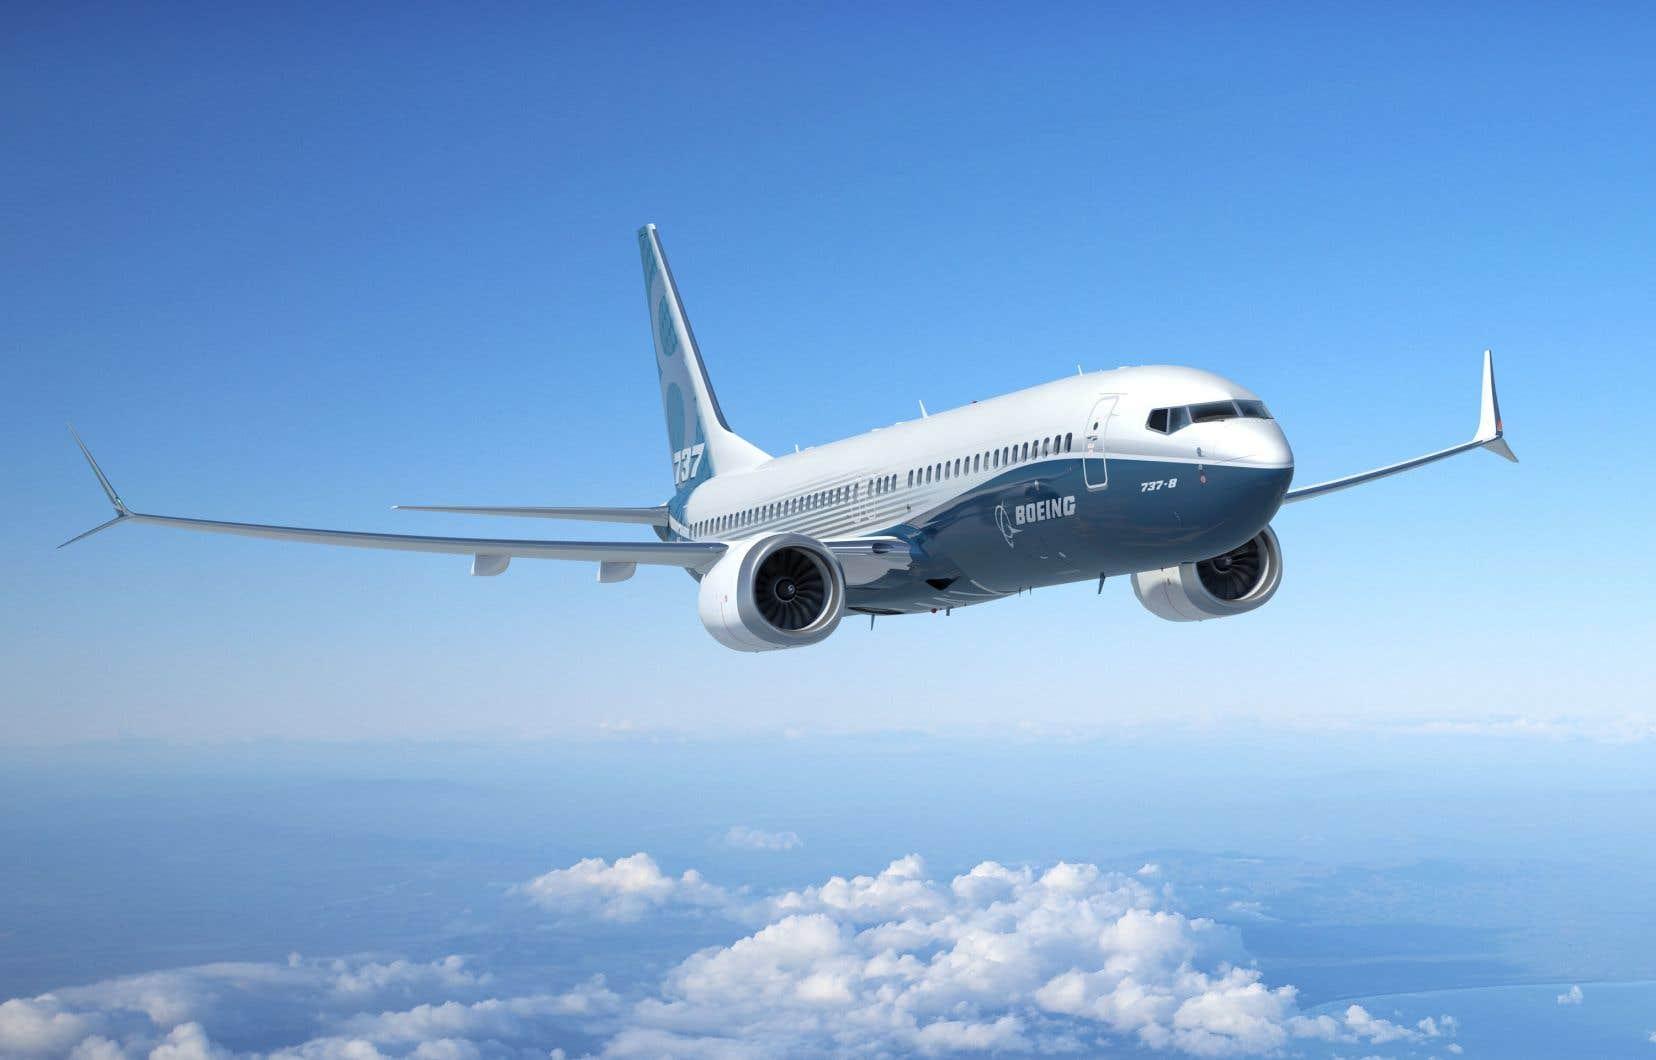 Cette commande, signée avec le groupe IAG (British Airways, Iberia, Vueling, Aer Lingus et Level) sous forme de lettre d'intention, souligne la volonté de Boeing de démontrer sa confiance dans l'appareil et sa ferme intention de surmonter la crise qu'il traverse depuis plusieurs mois.